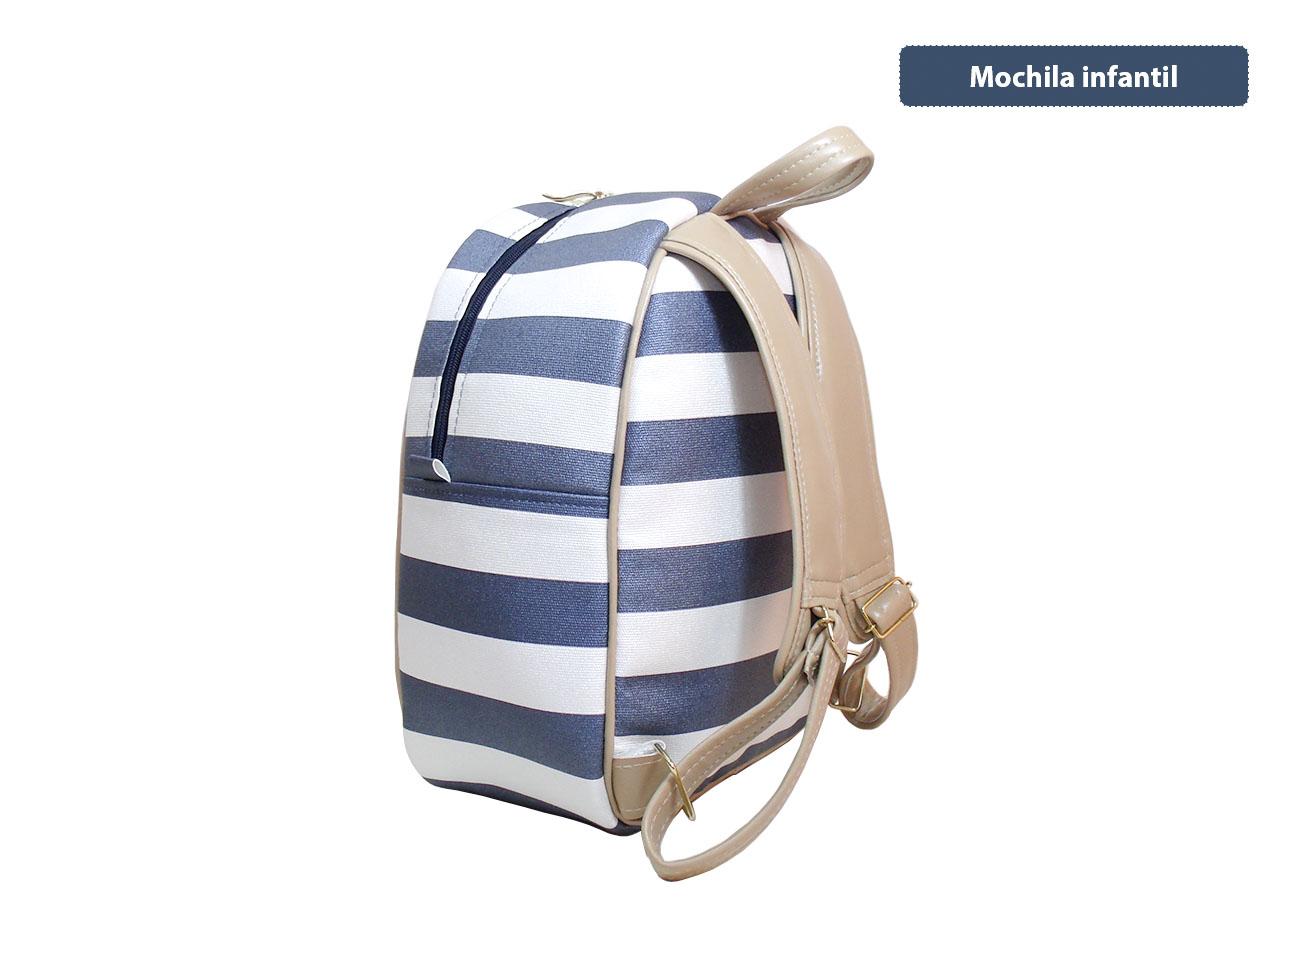 cb8c188ad6 Mochila Infantil (MC-BRLA01P) Personalizada no Elo7